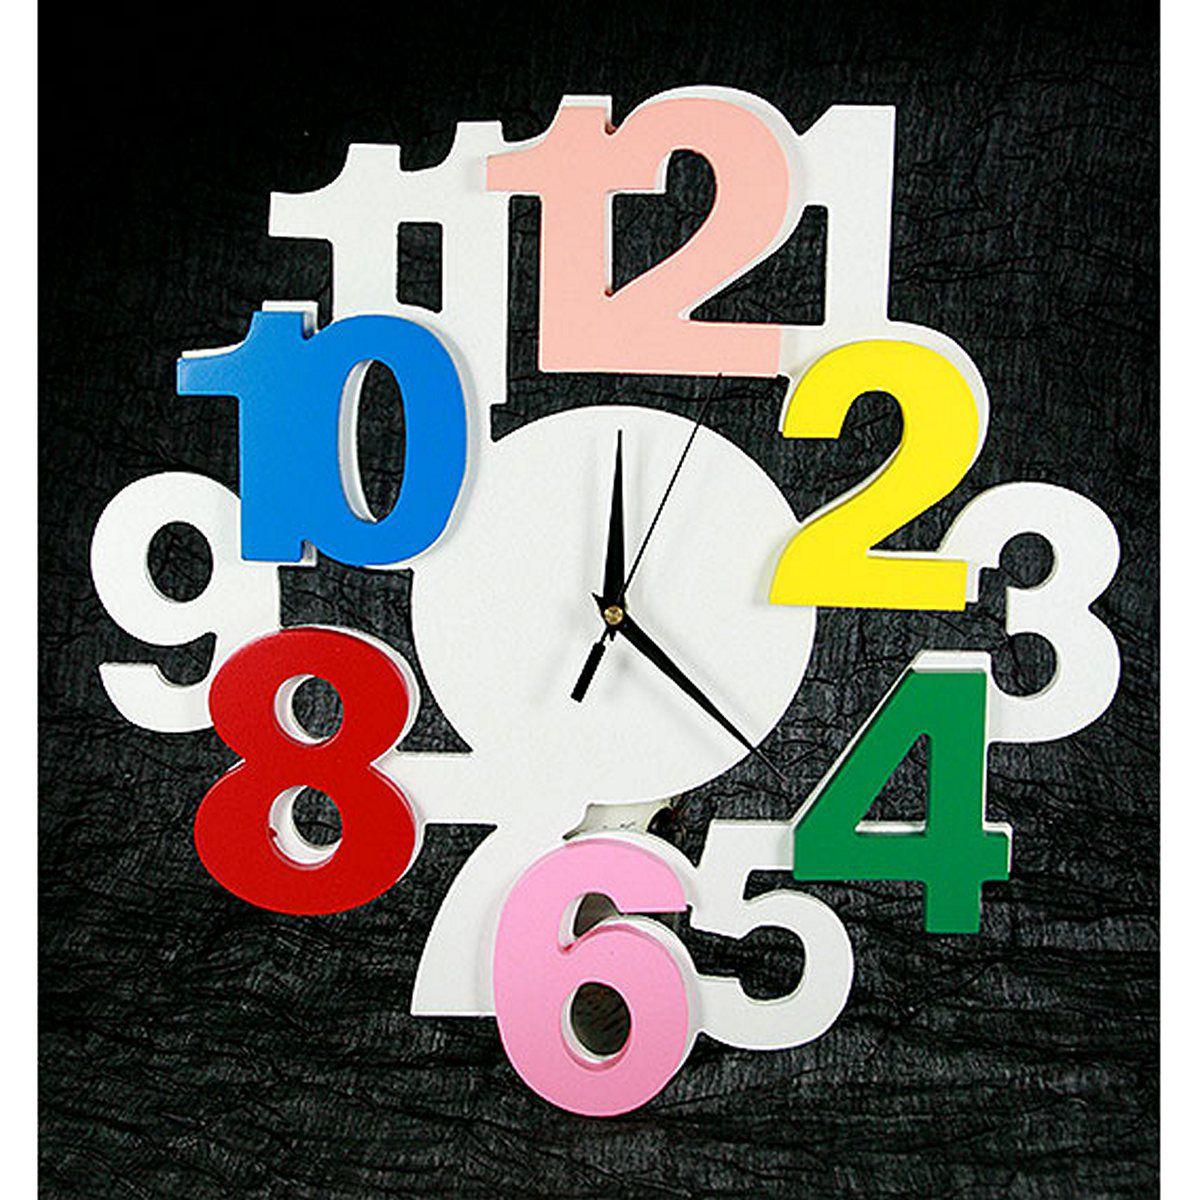 Часы настенные Русские Подарки, диаметр 40 см. 138604138604Настенные кварцевые часы Русские Подарки изготовлены из МДФ. Часы имеют три стрелки - часовую, минутную и секундную. С обратной стороны имеется петелька для подвешивания на стену. Изящные часы красиво и оригинально оформят интерьер дома или офиса. Также часы могут стать уникальным, полезным подарком для родственников, коллег, знакомых и близких. Часы работают от батареек типа АА (в комплект не входят).